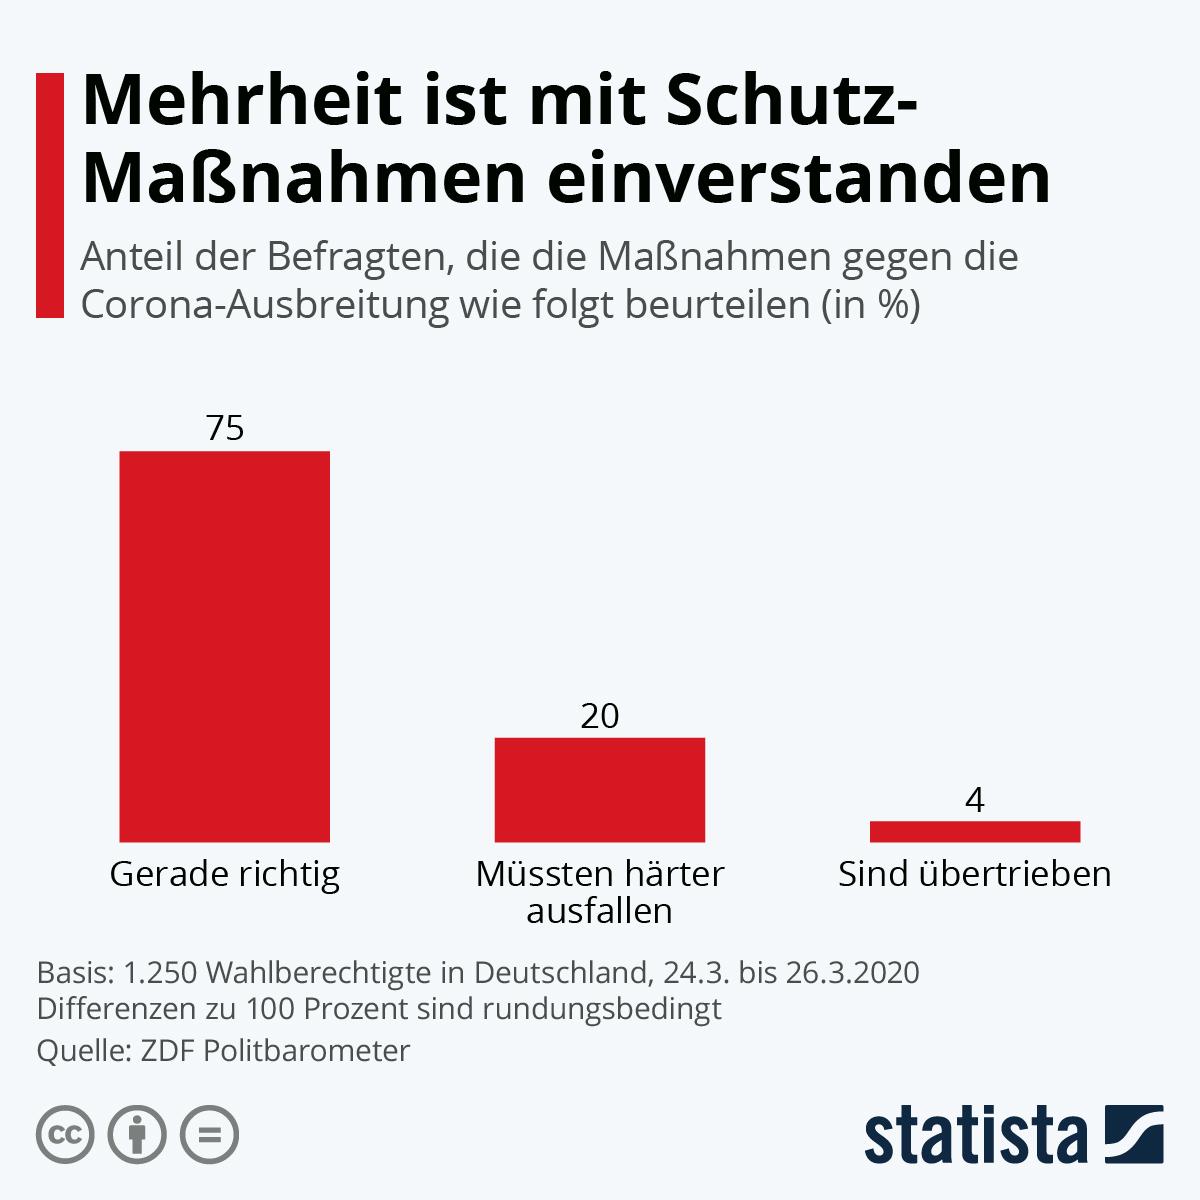 Infografik: Mehrheit ist mit Schutz-Maßnahmen einverstanden | Statista